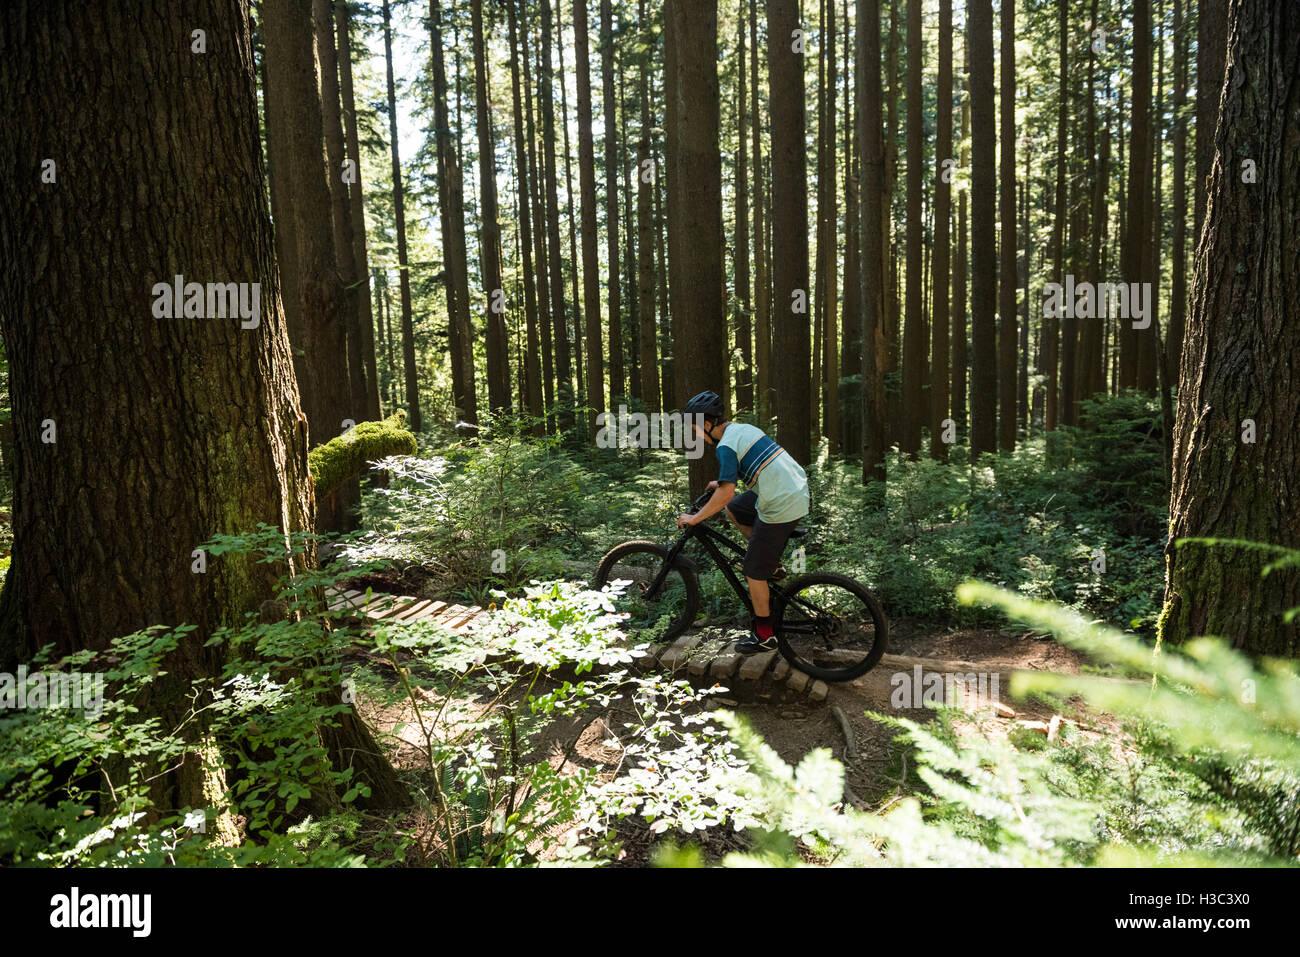 Ciclista ciclismo en el bosque Imagen De Stock